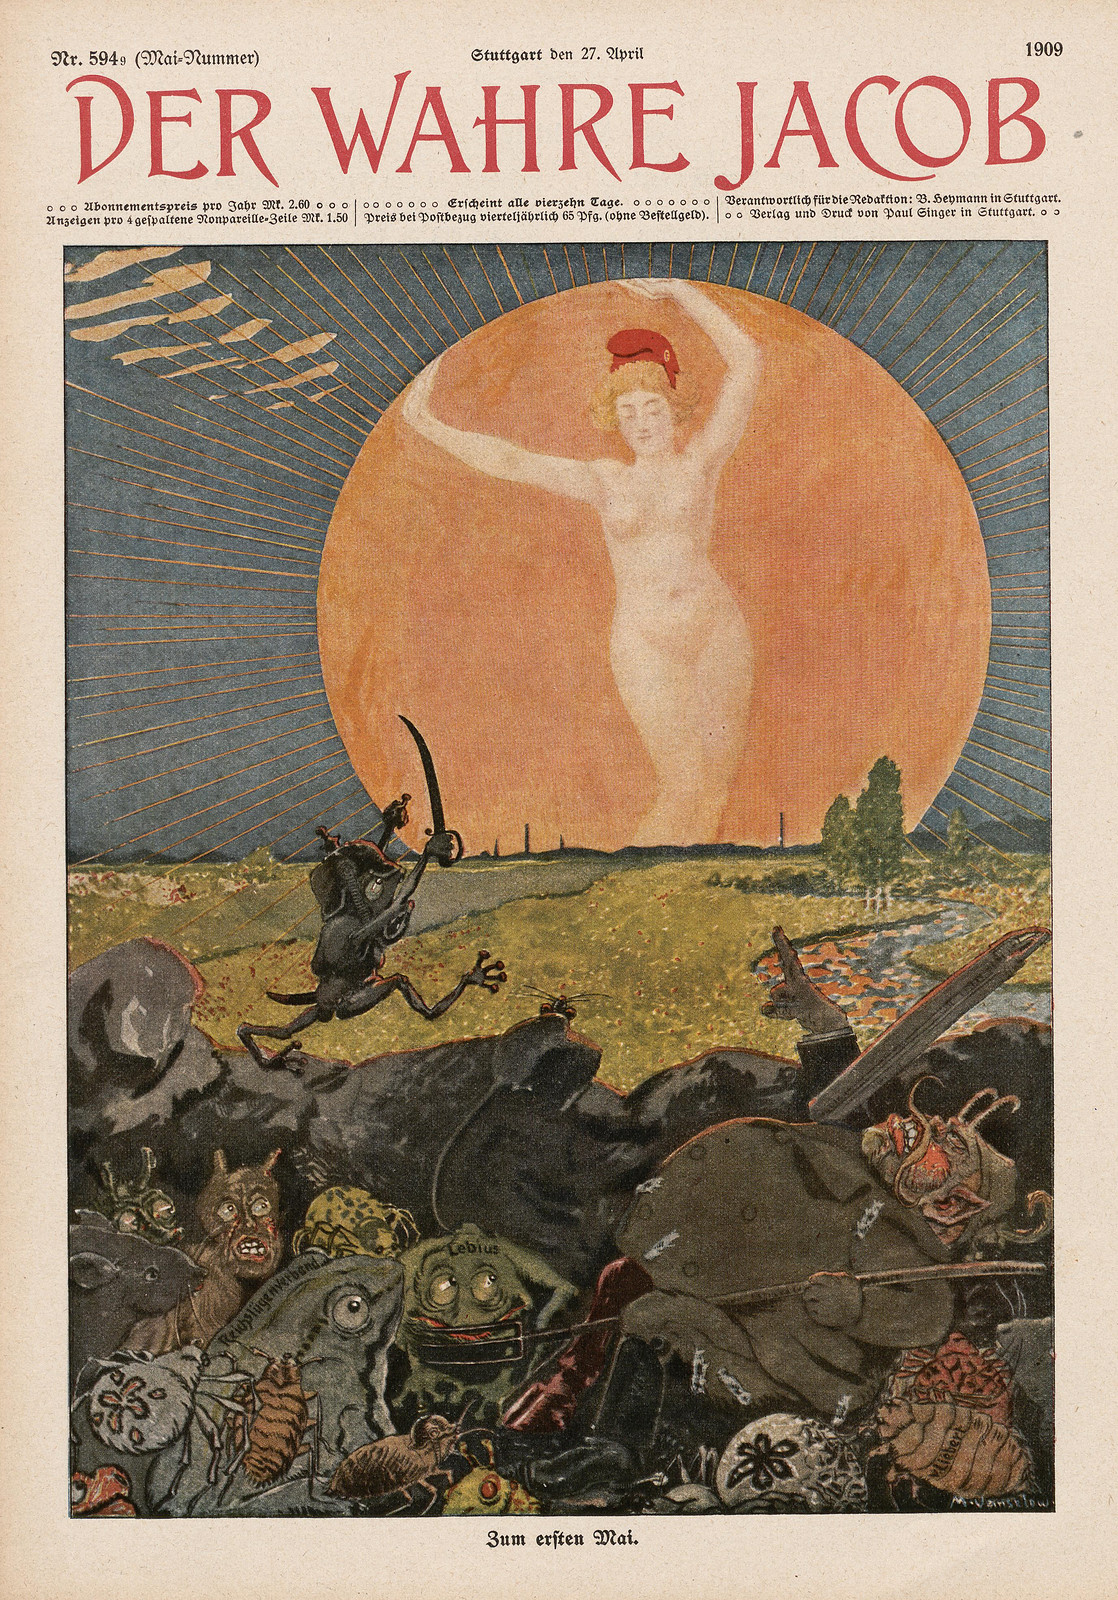 Maximilian Vanselow - First May, 1909